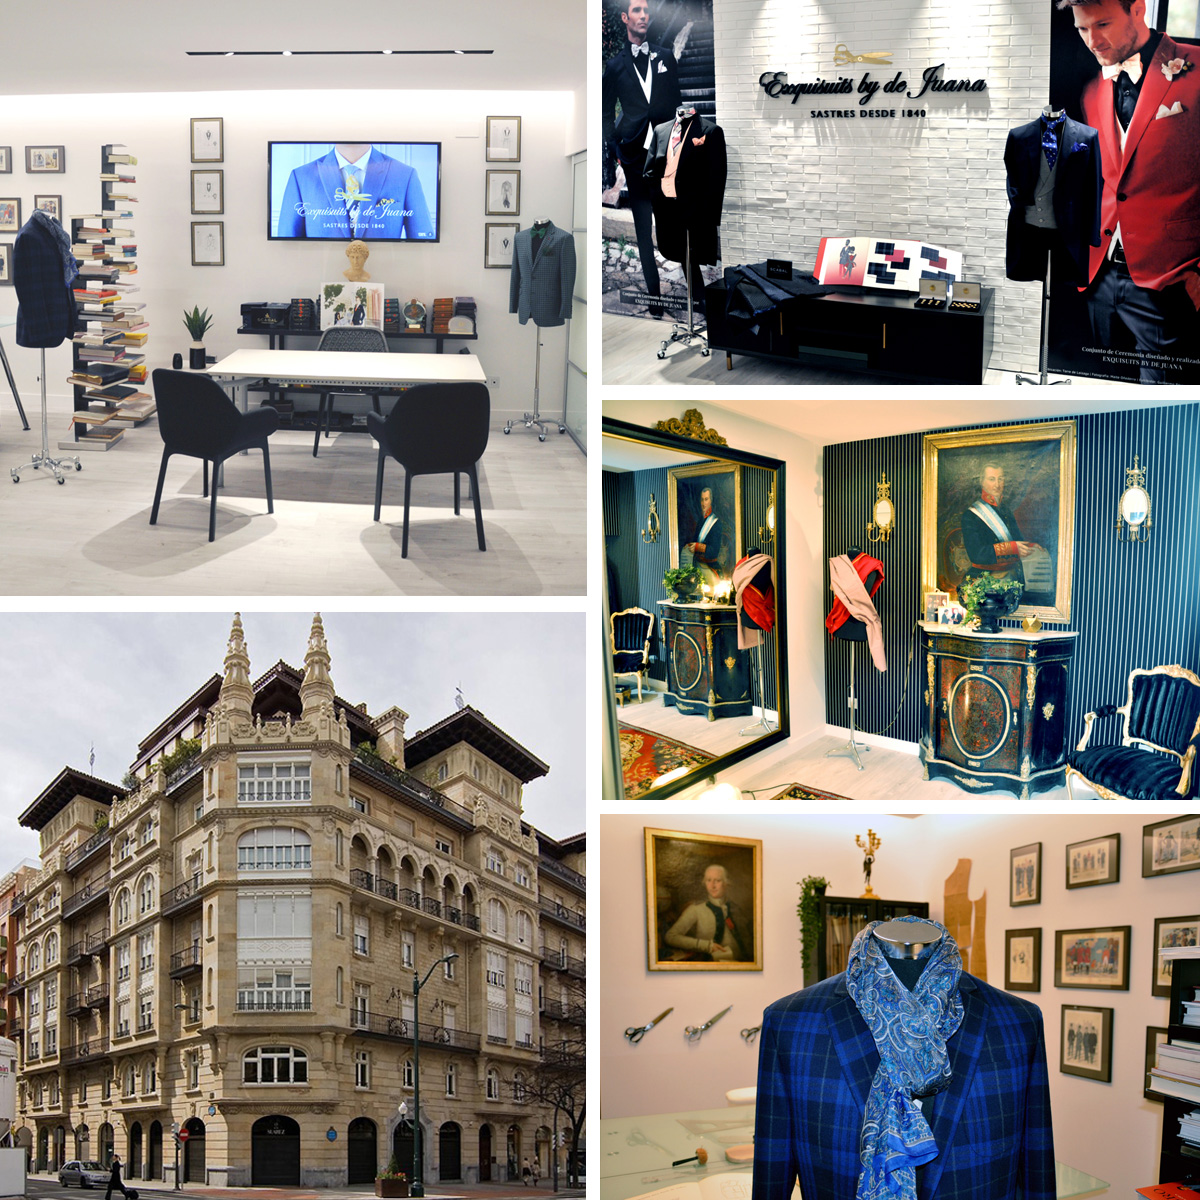 Imágenes de la nueva sastrería Javier de Juana & Exquisuits by de Juana en Gran Vía, 45 (Edificio Sota). Piso 1 de Bilbao